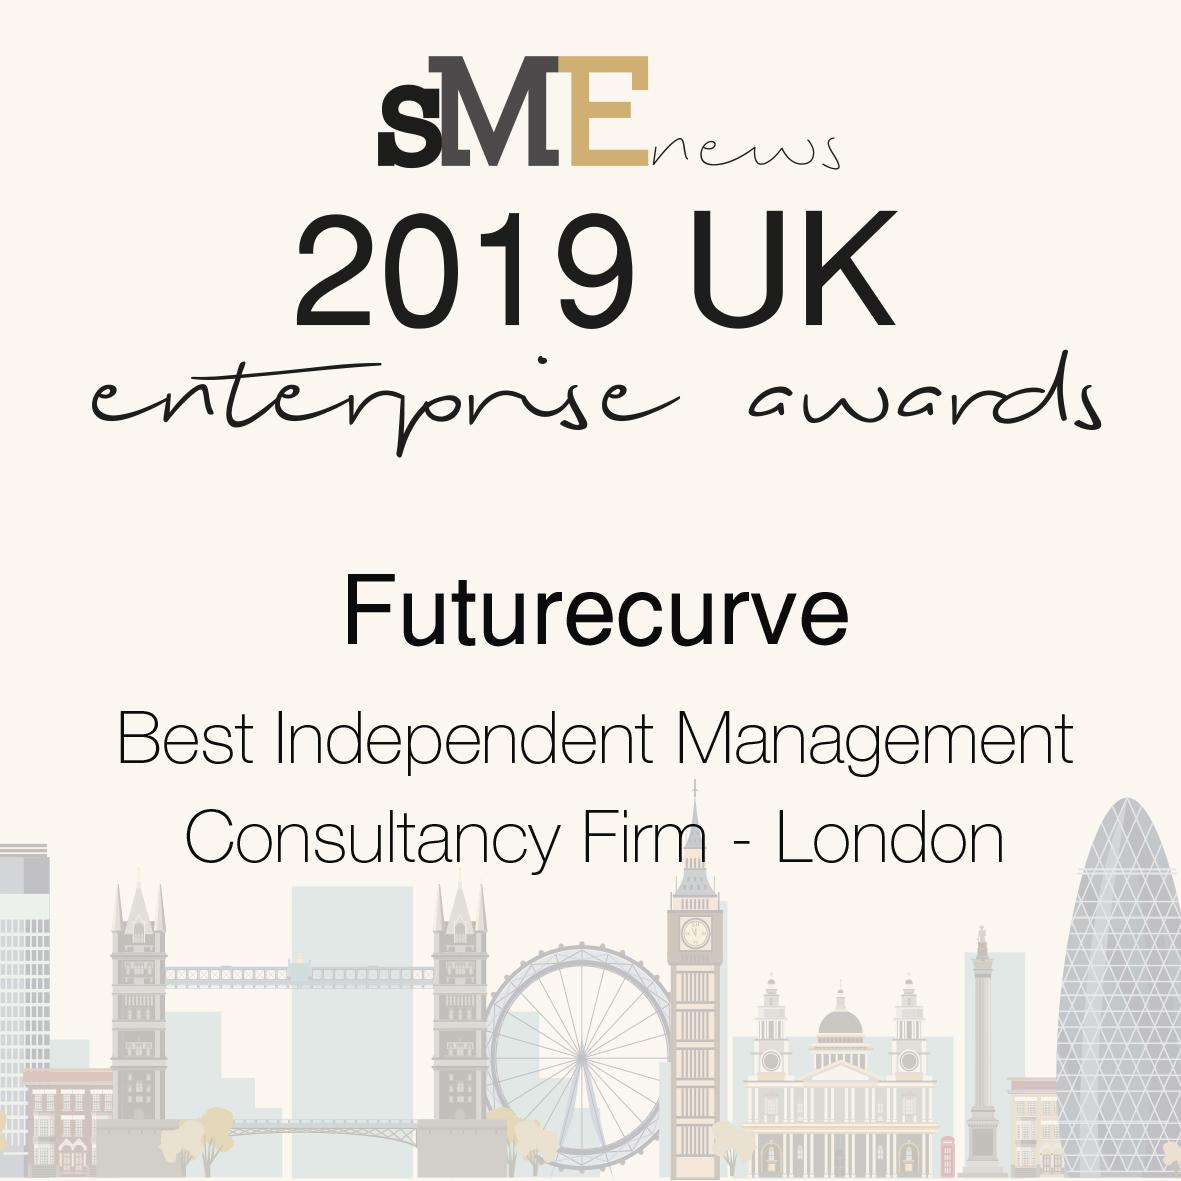 UK Enterprise Awards 2019 Square Winners Logo.jpg